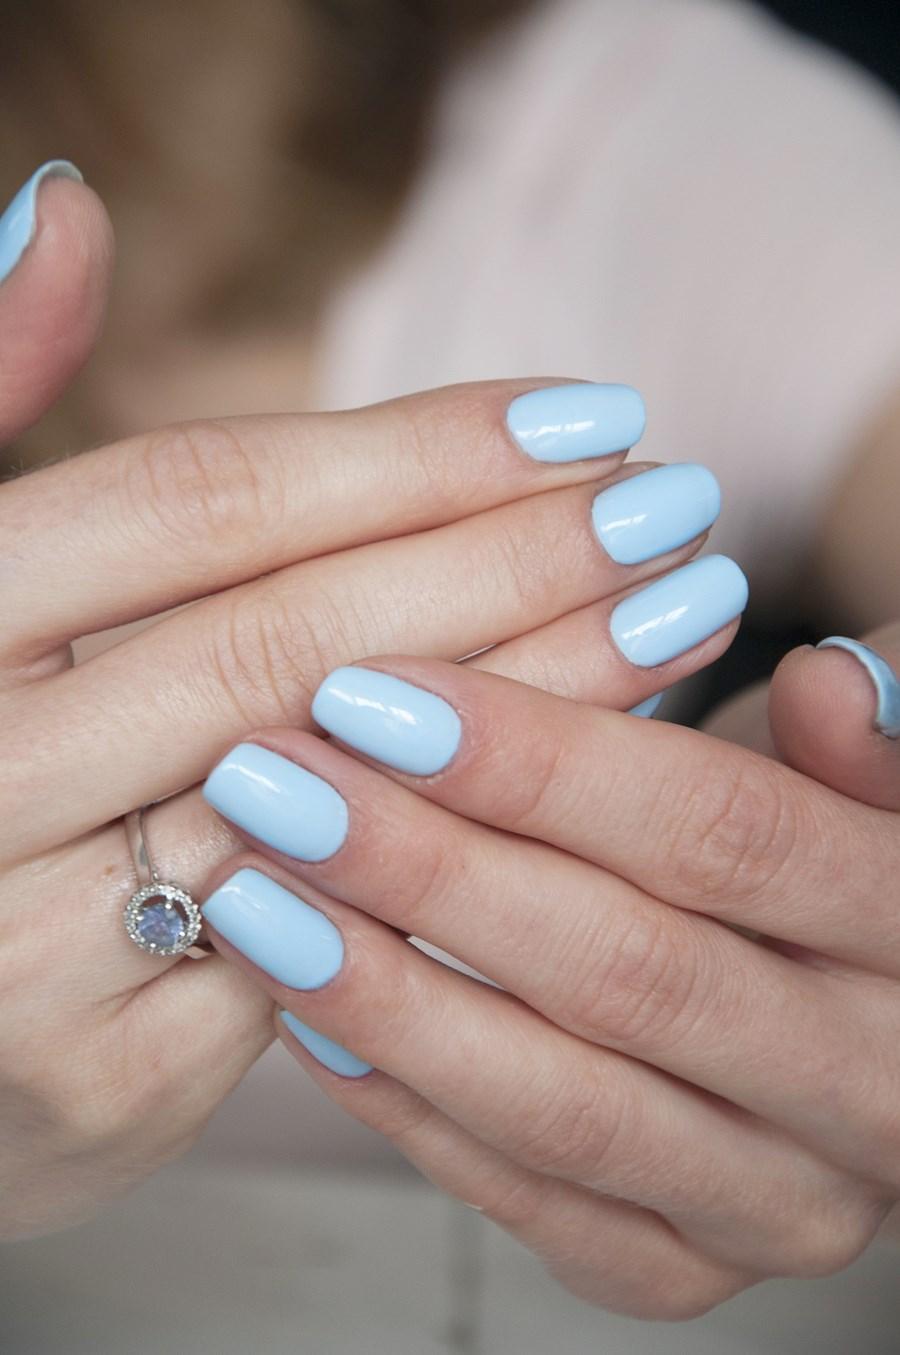 manicure hybrydowy, pastelowe lakiery hybrydowe, hybrydy allepaznokcie, lakier żelowy, hawaiian blue,